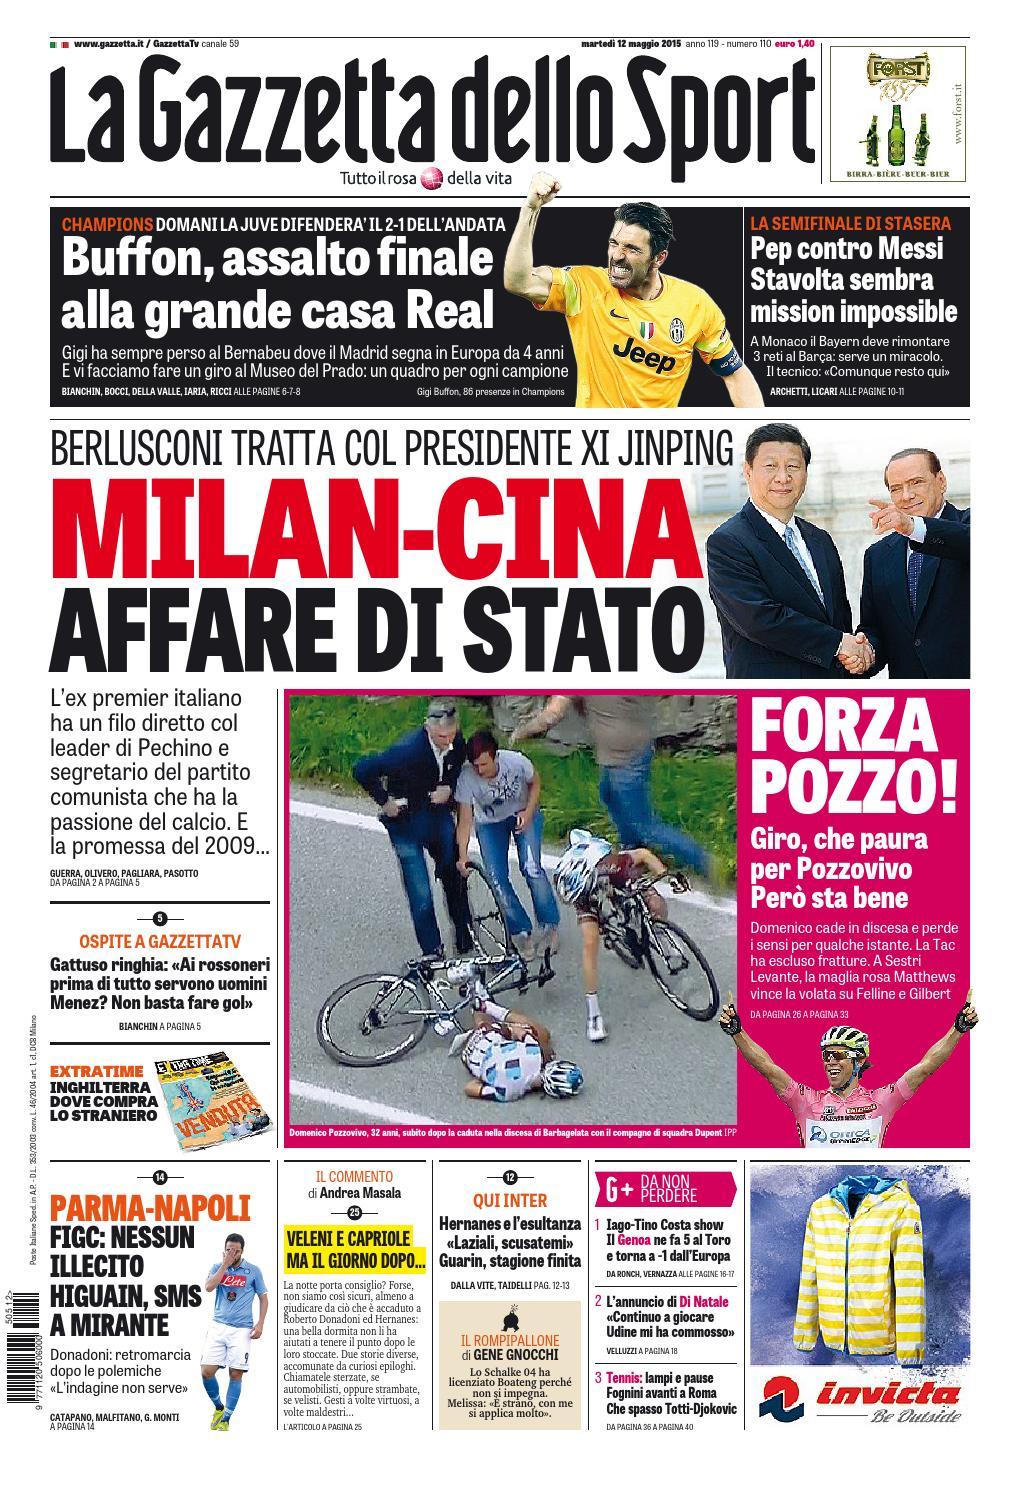 La Gazzetta dello Sport (05 - 12 - 2015) by Nguyen Duc Thinh - issuu 65b53a5d5dde